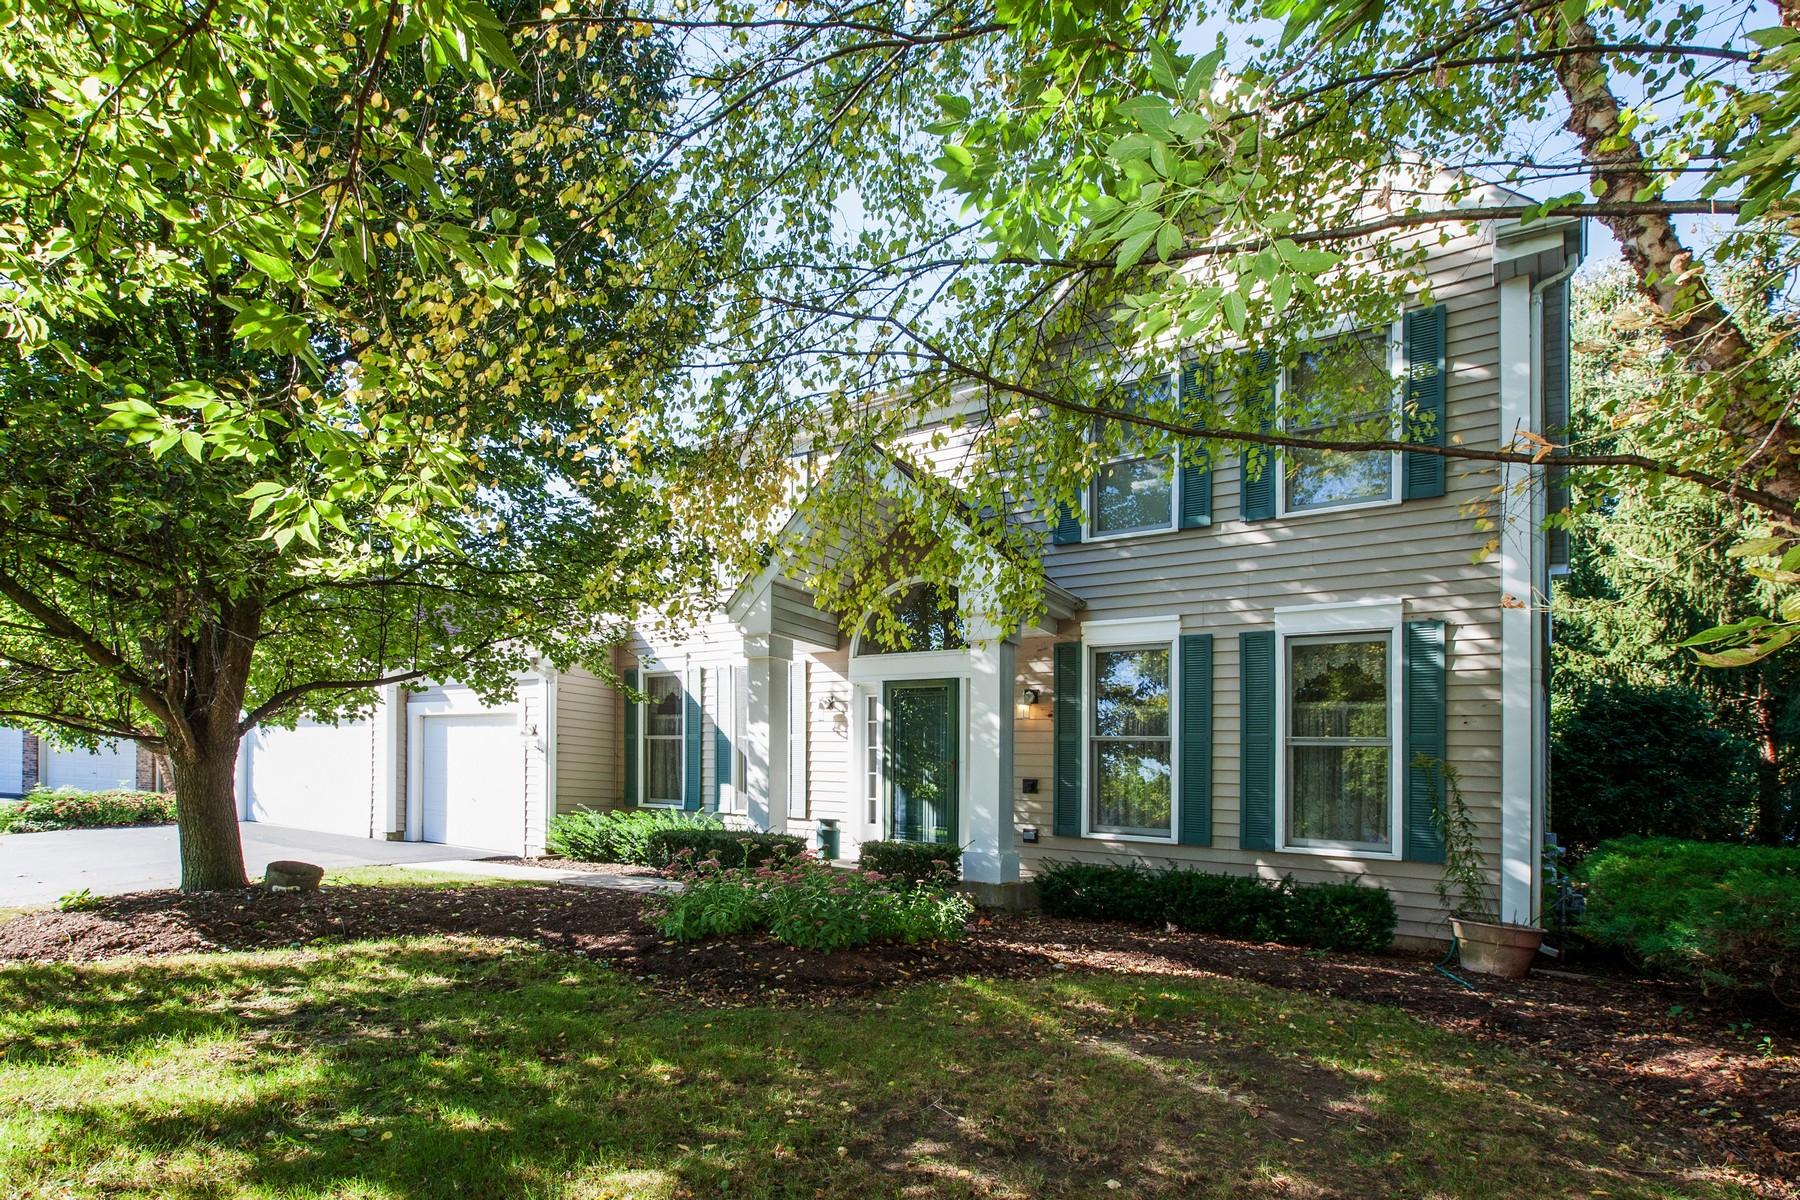 Частный односемейный дом для того Продажа на Prime Location In Arbor Hills 2 Windsor Court Algonquin, Иллинойс, 60102 Соединенные Штаты